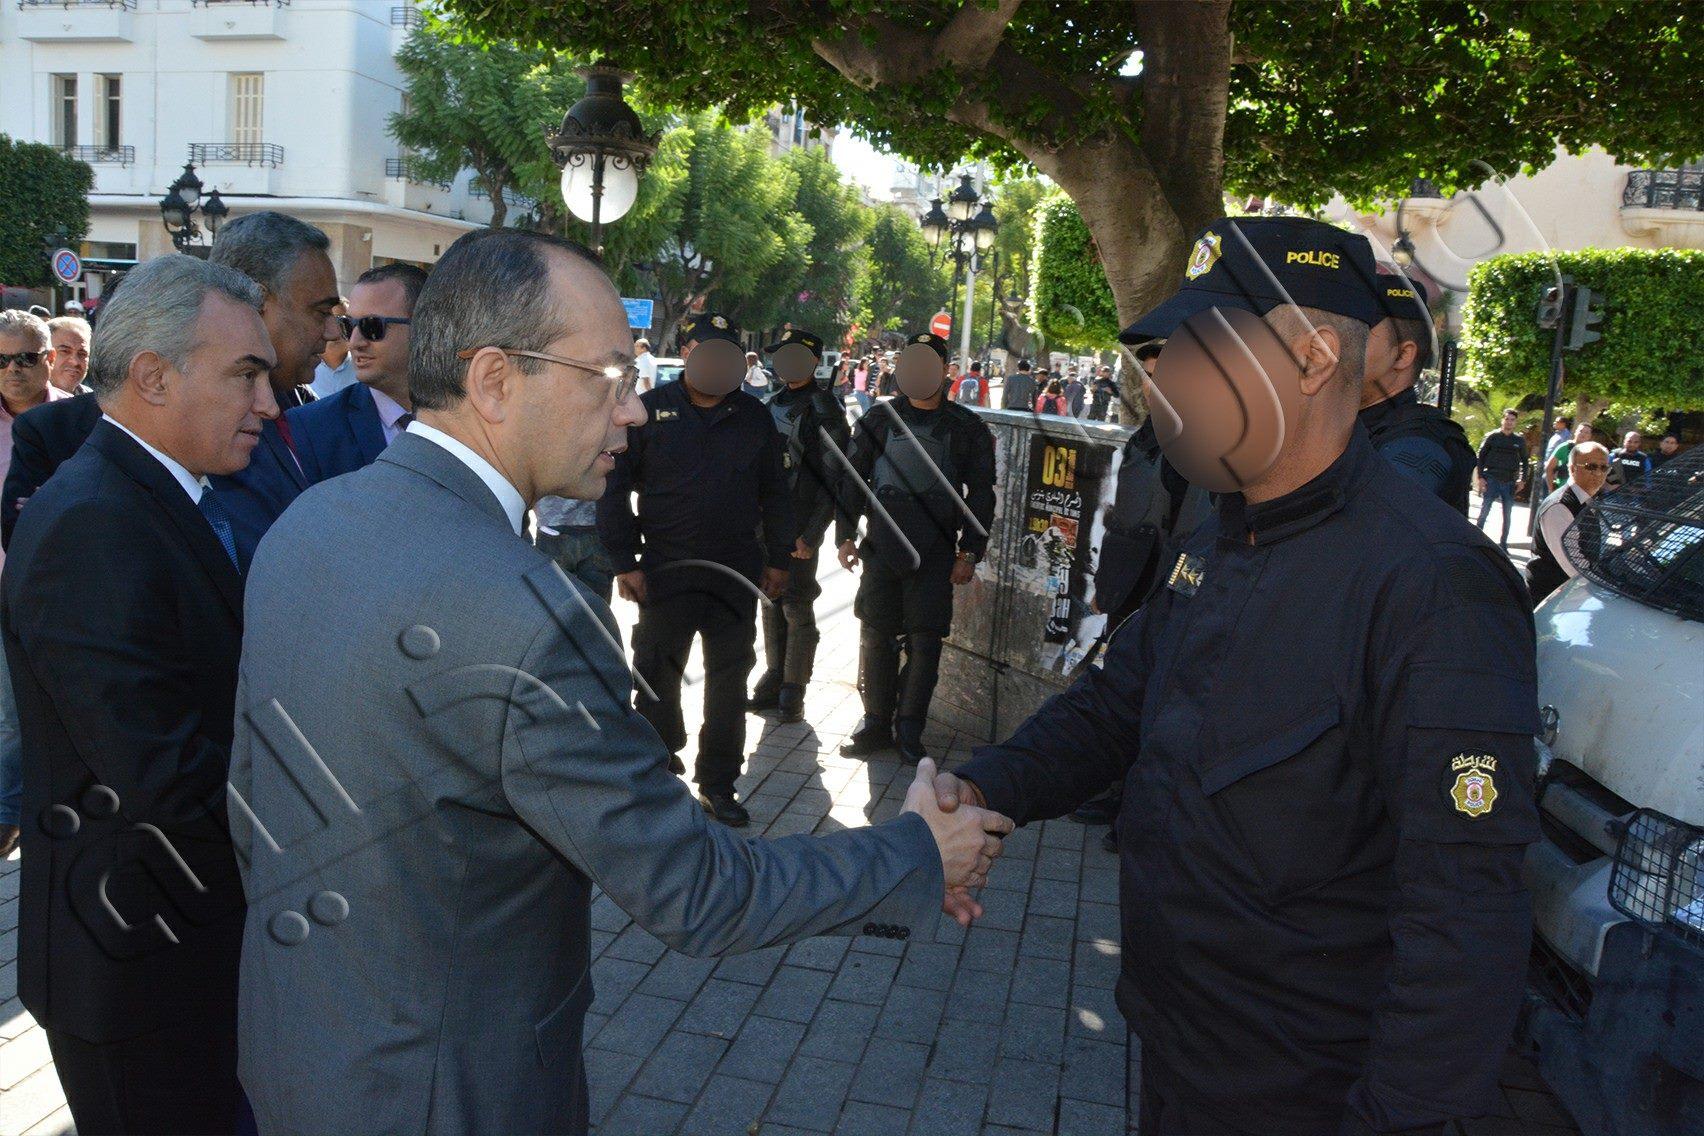 وزير الداخلية يدعو الامنيين إلى الرفع من درجة التأهب